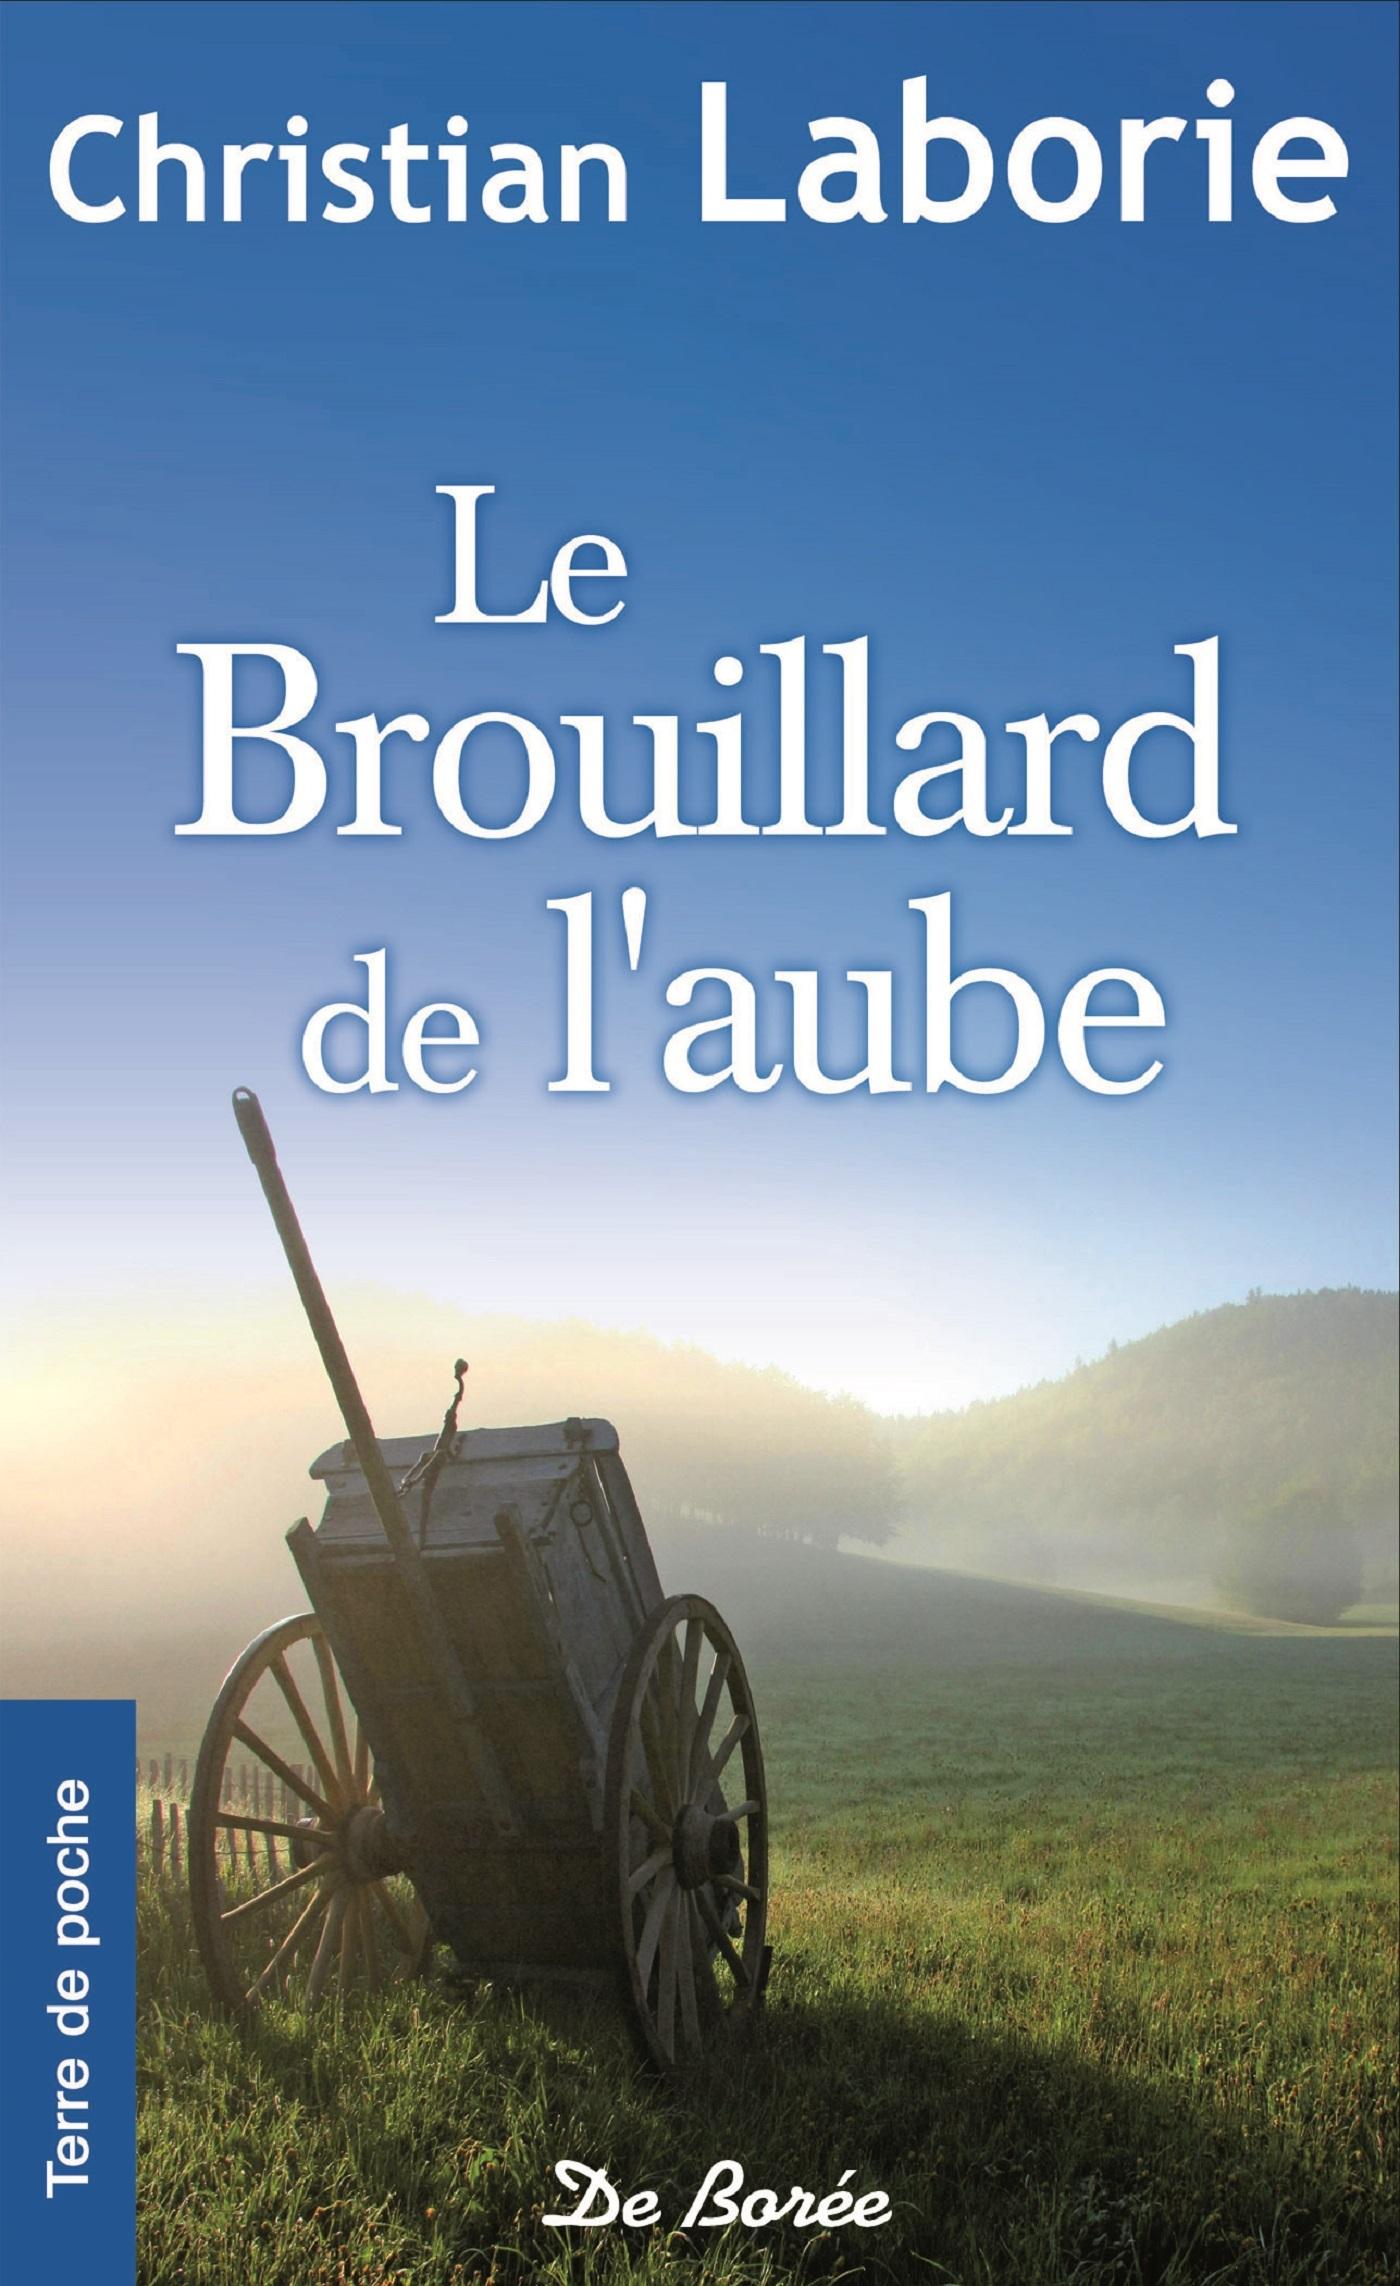 LE BROUILLARD DE L'AUBE